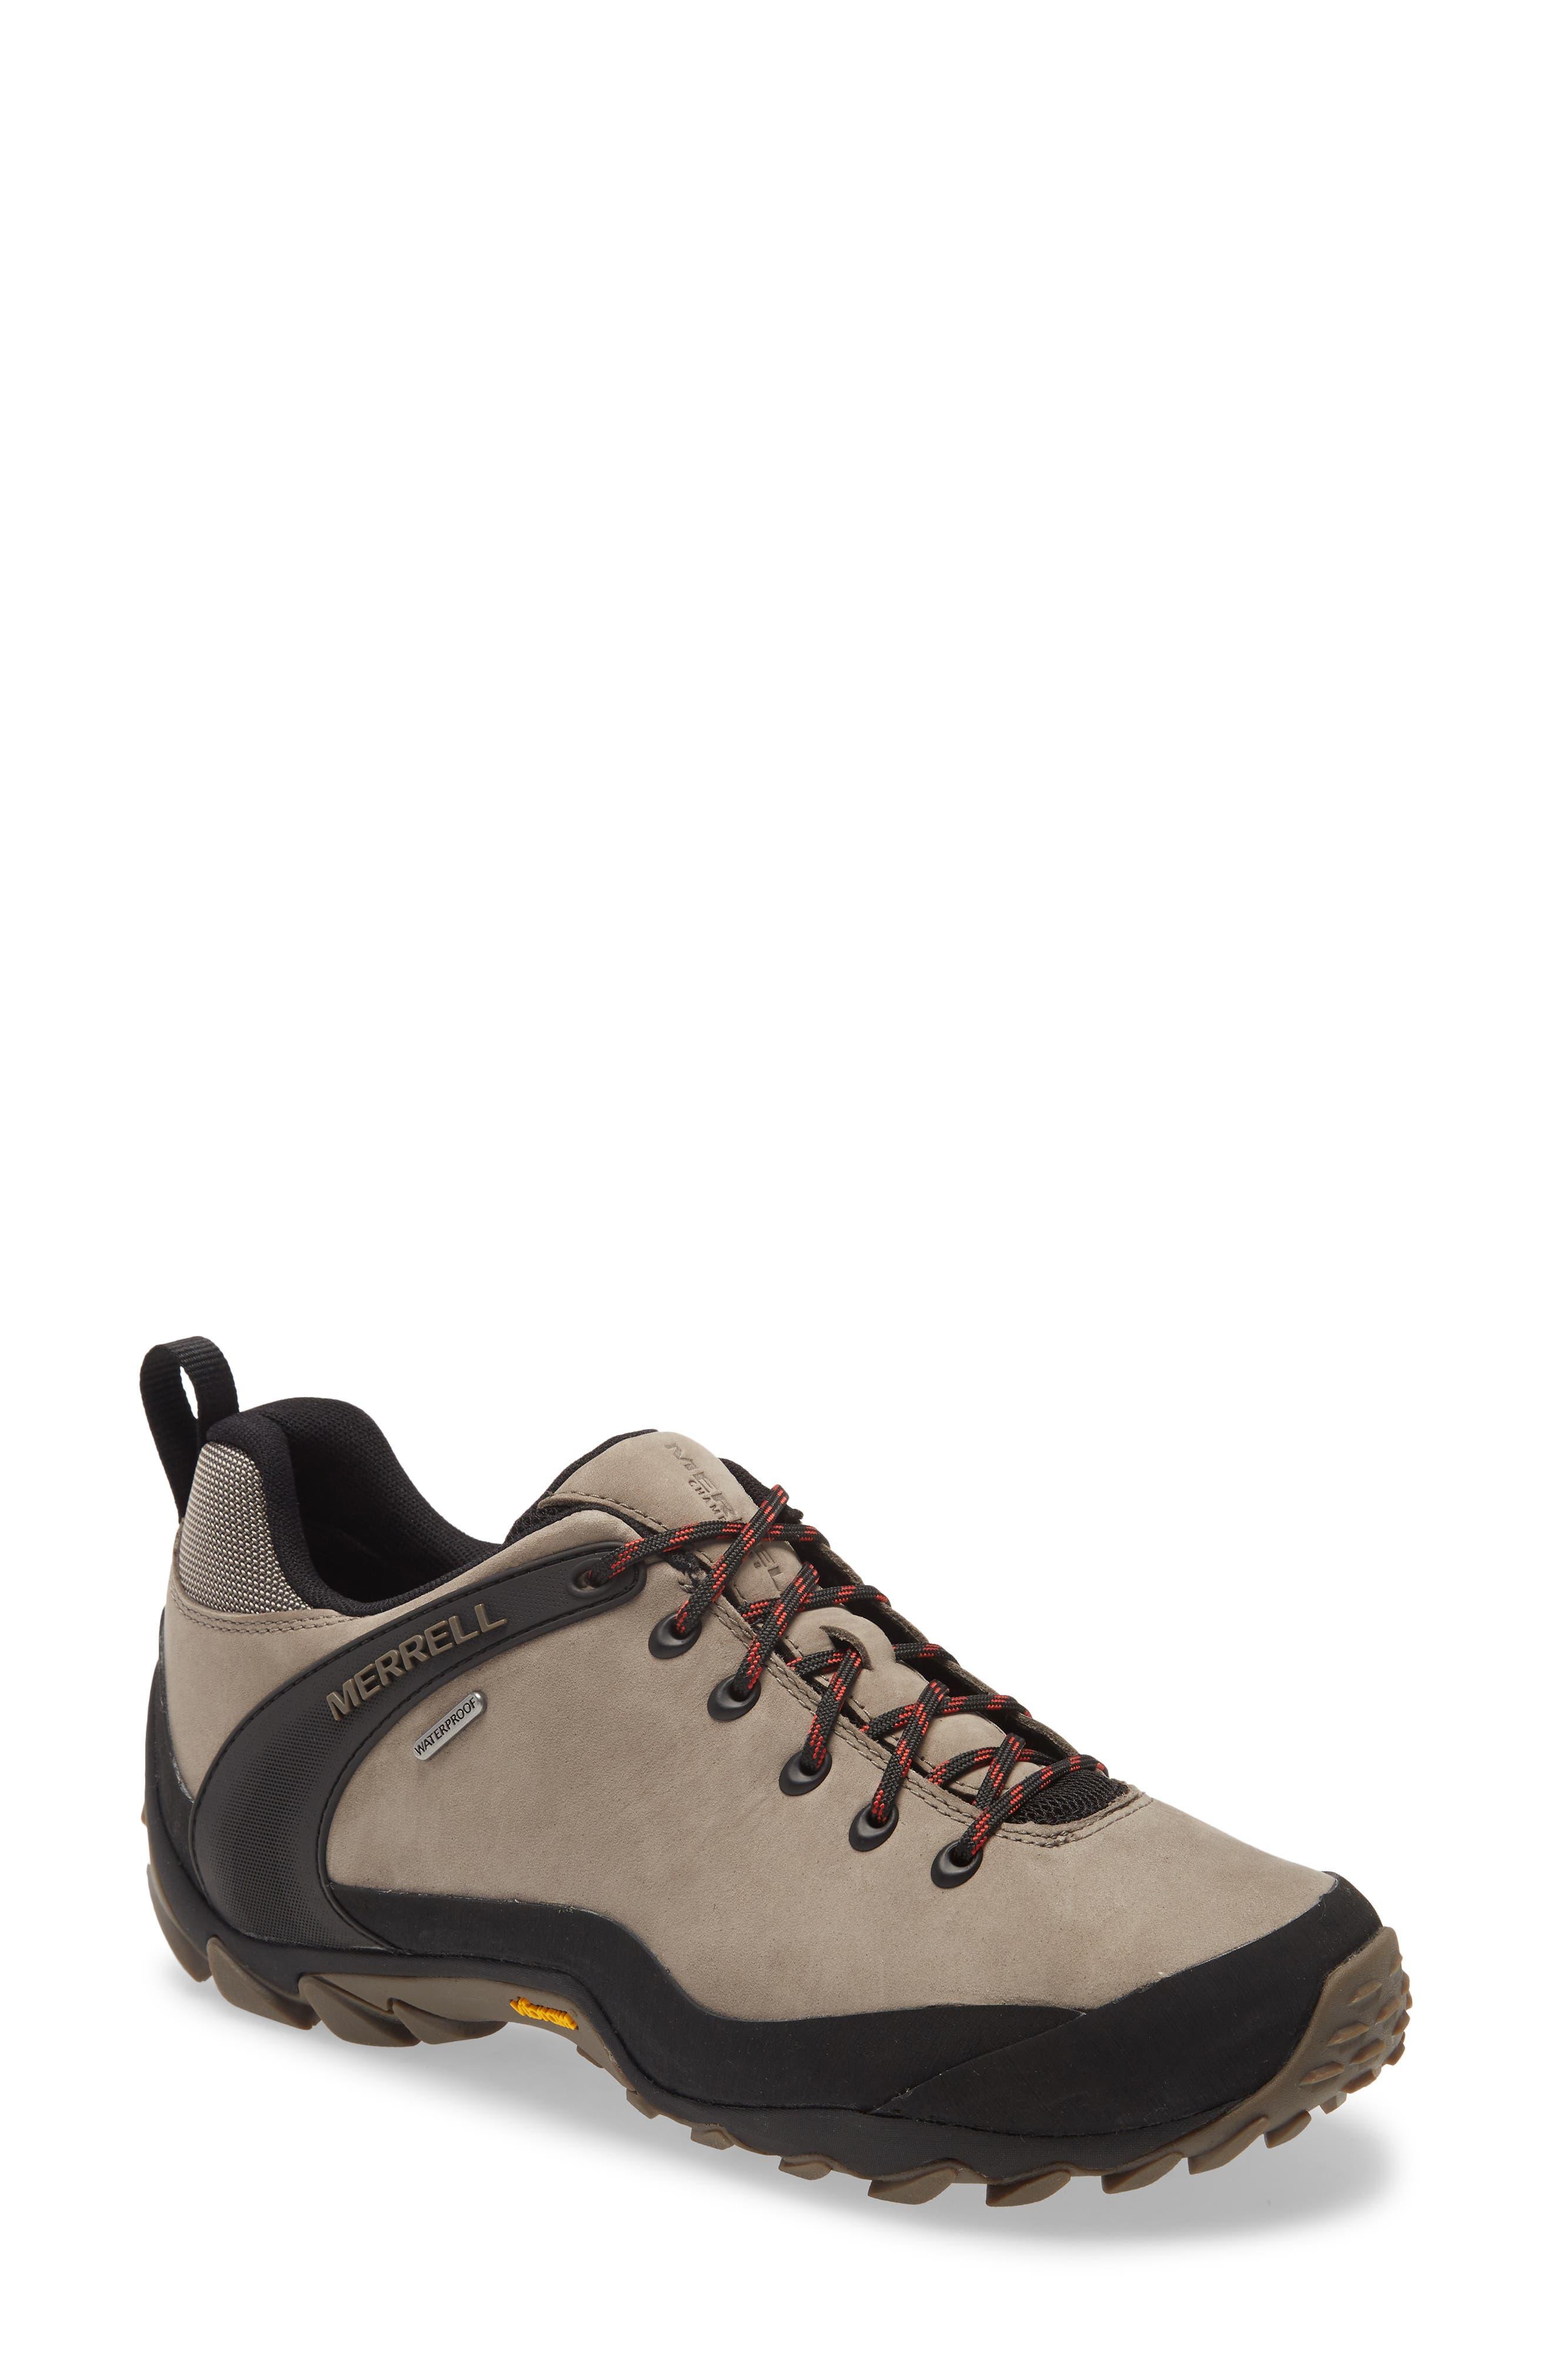 Men's Merrel Chameleon 8 Waterproof Sneaker